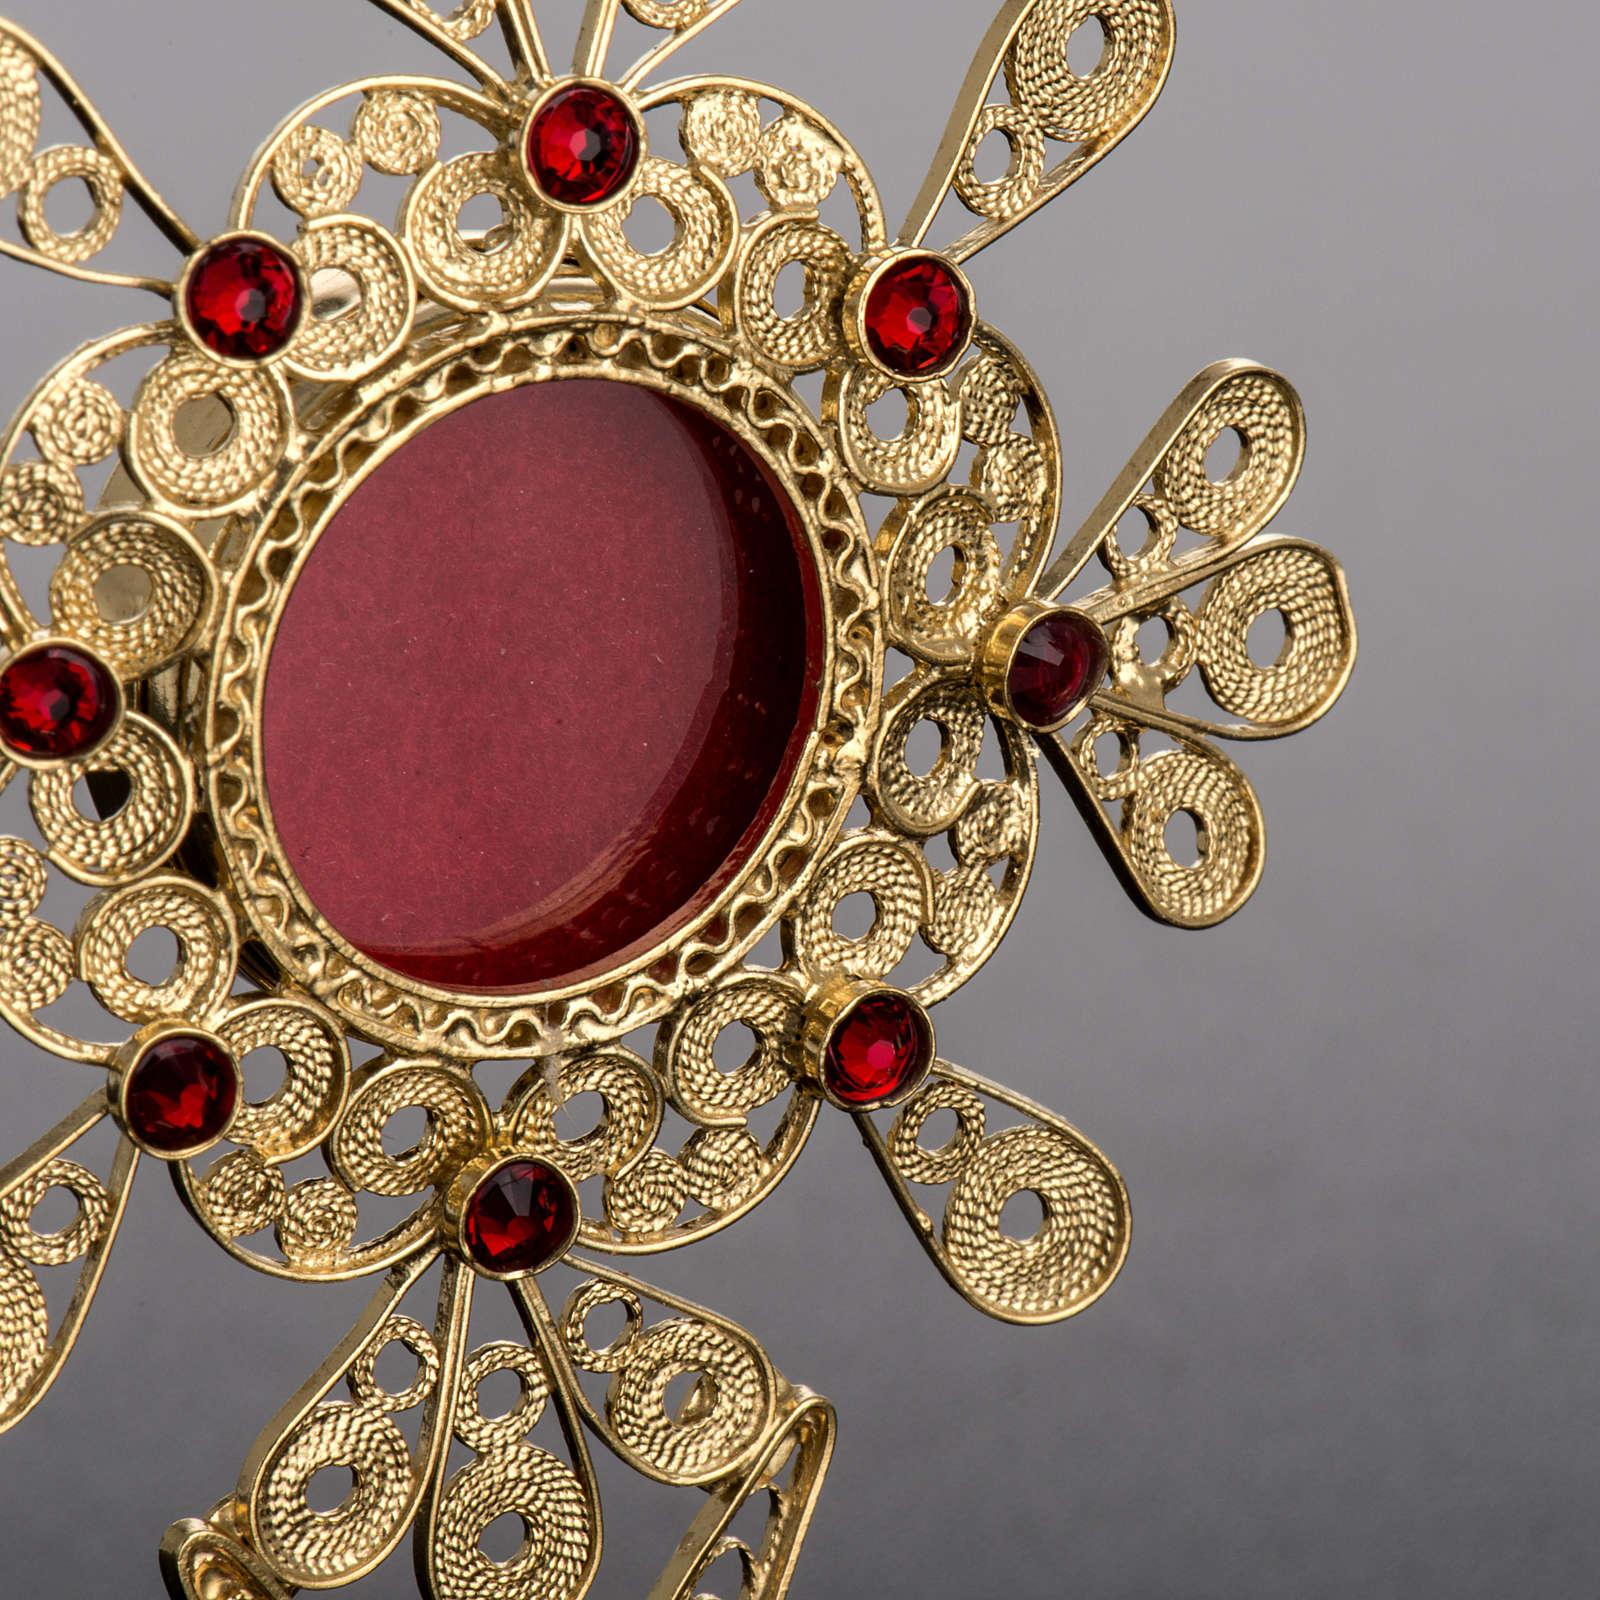 Reliquiario filigrana argento 800 petali pietre rosse 4